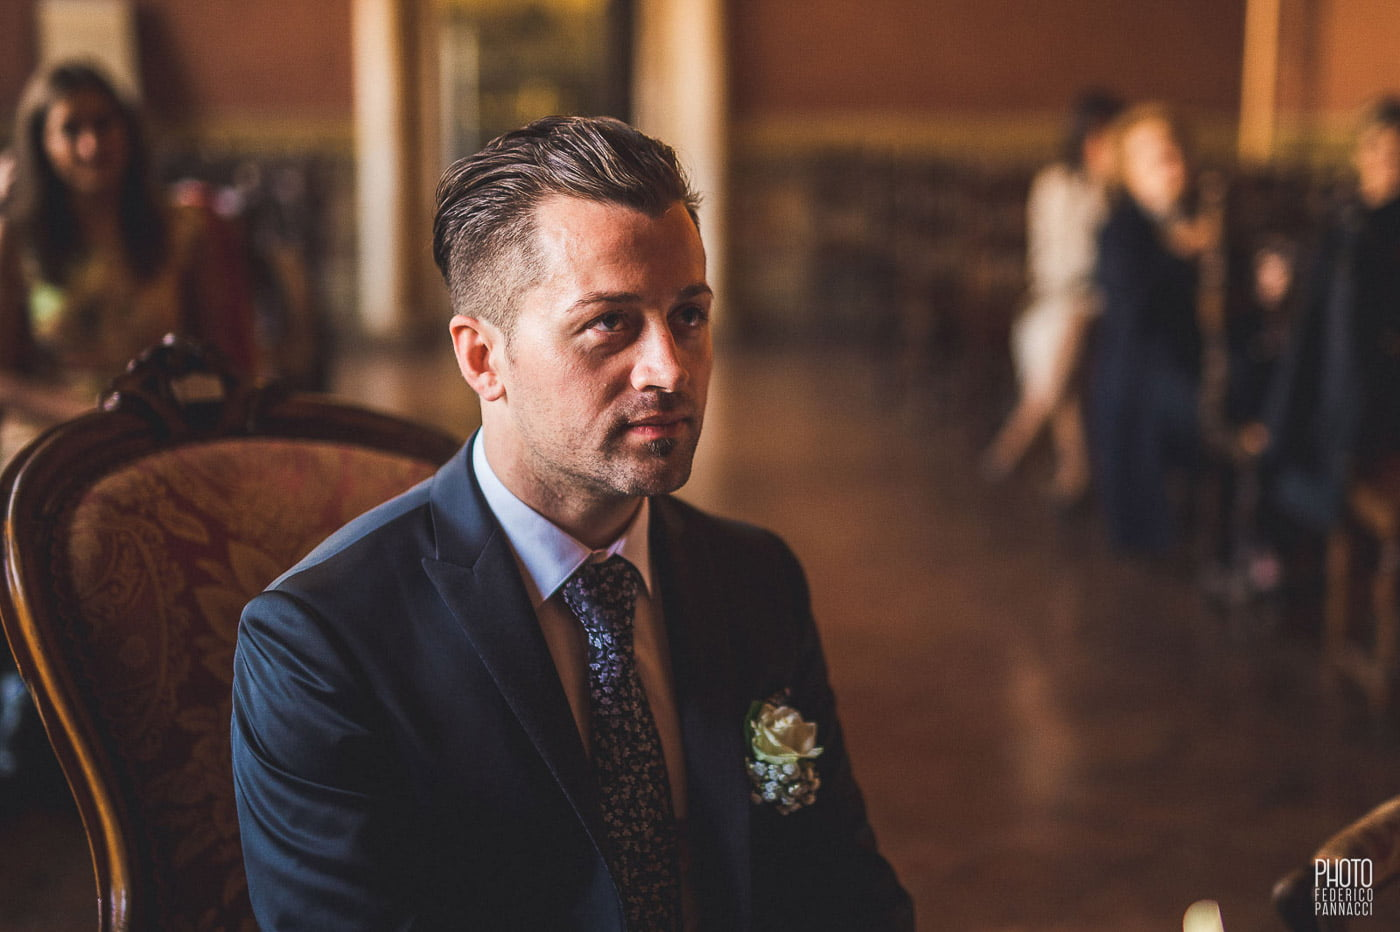 016-Destination-Wedding-Siena